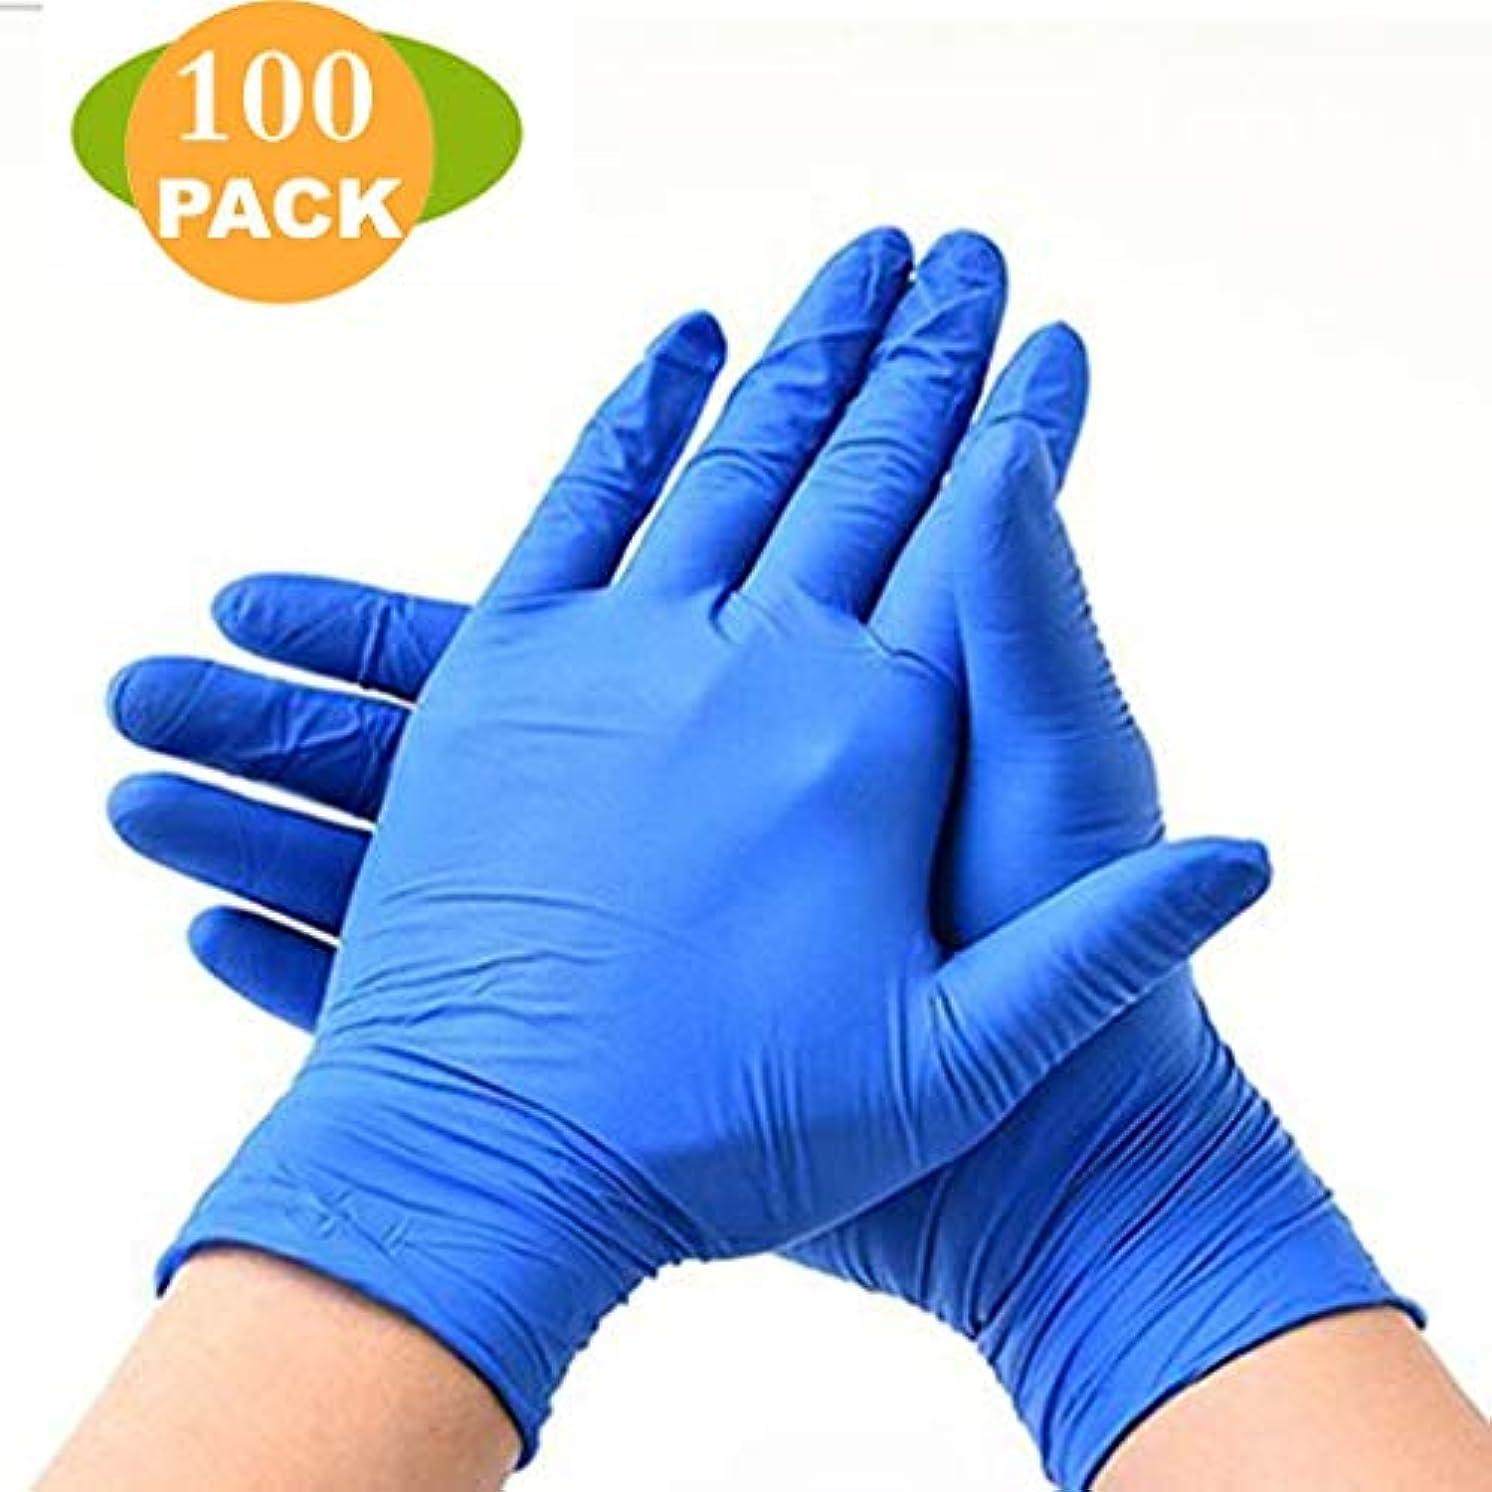 あまりにもクラッシュ投げる使い捨て耐久性のある厚手の手袋の実験室の食用油と耐酸性-100パーボックス (Color : Blue, Size : L)